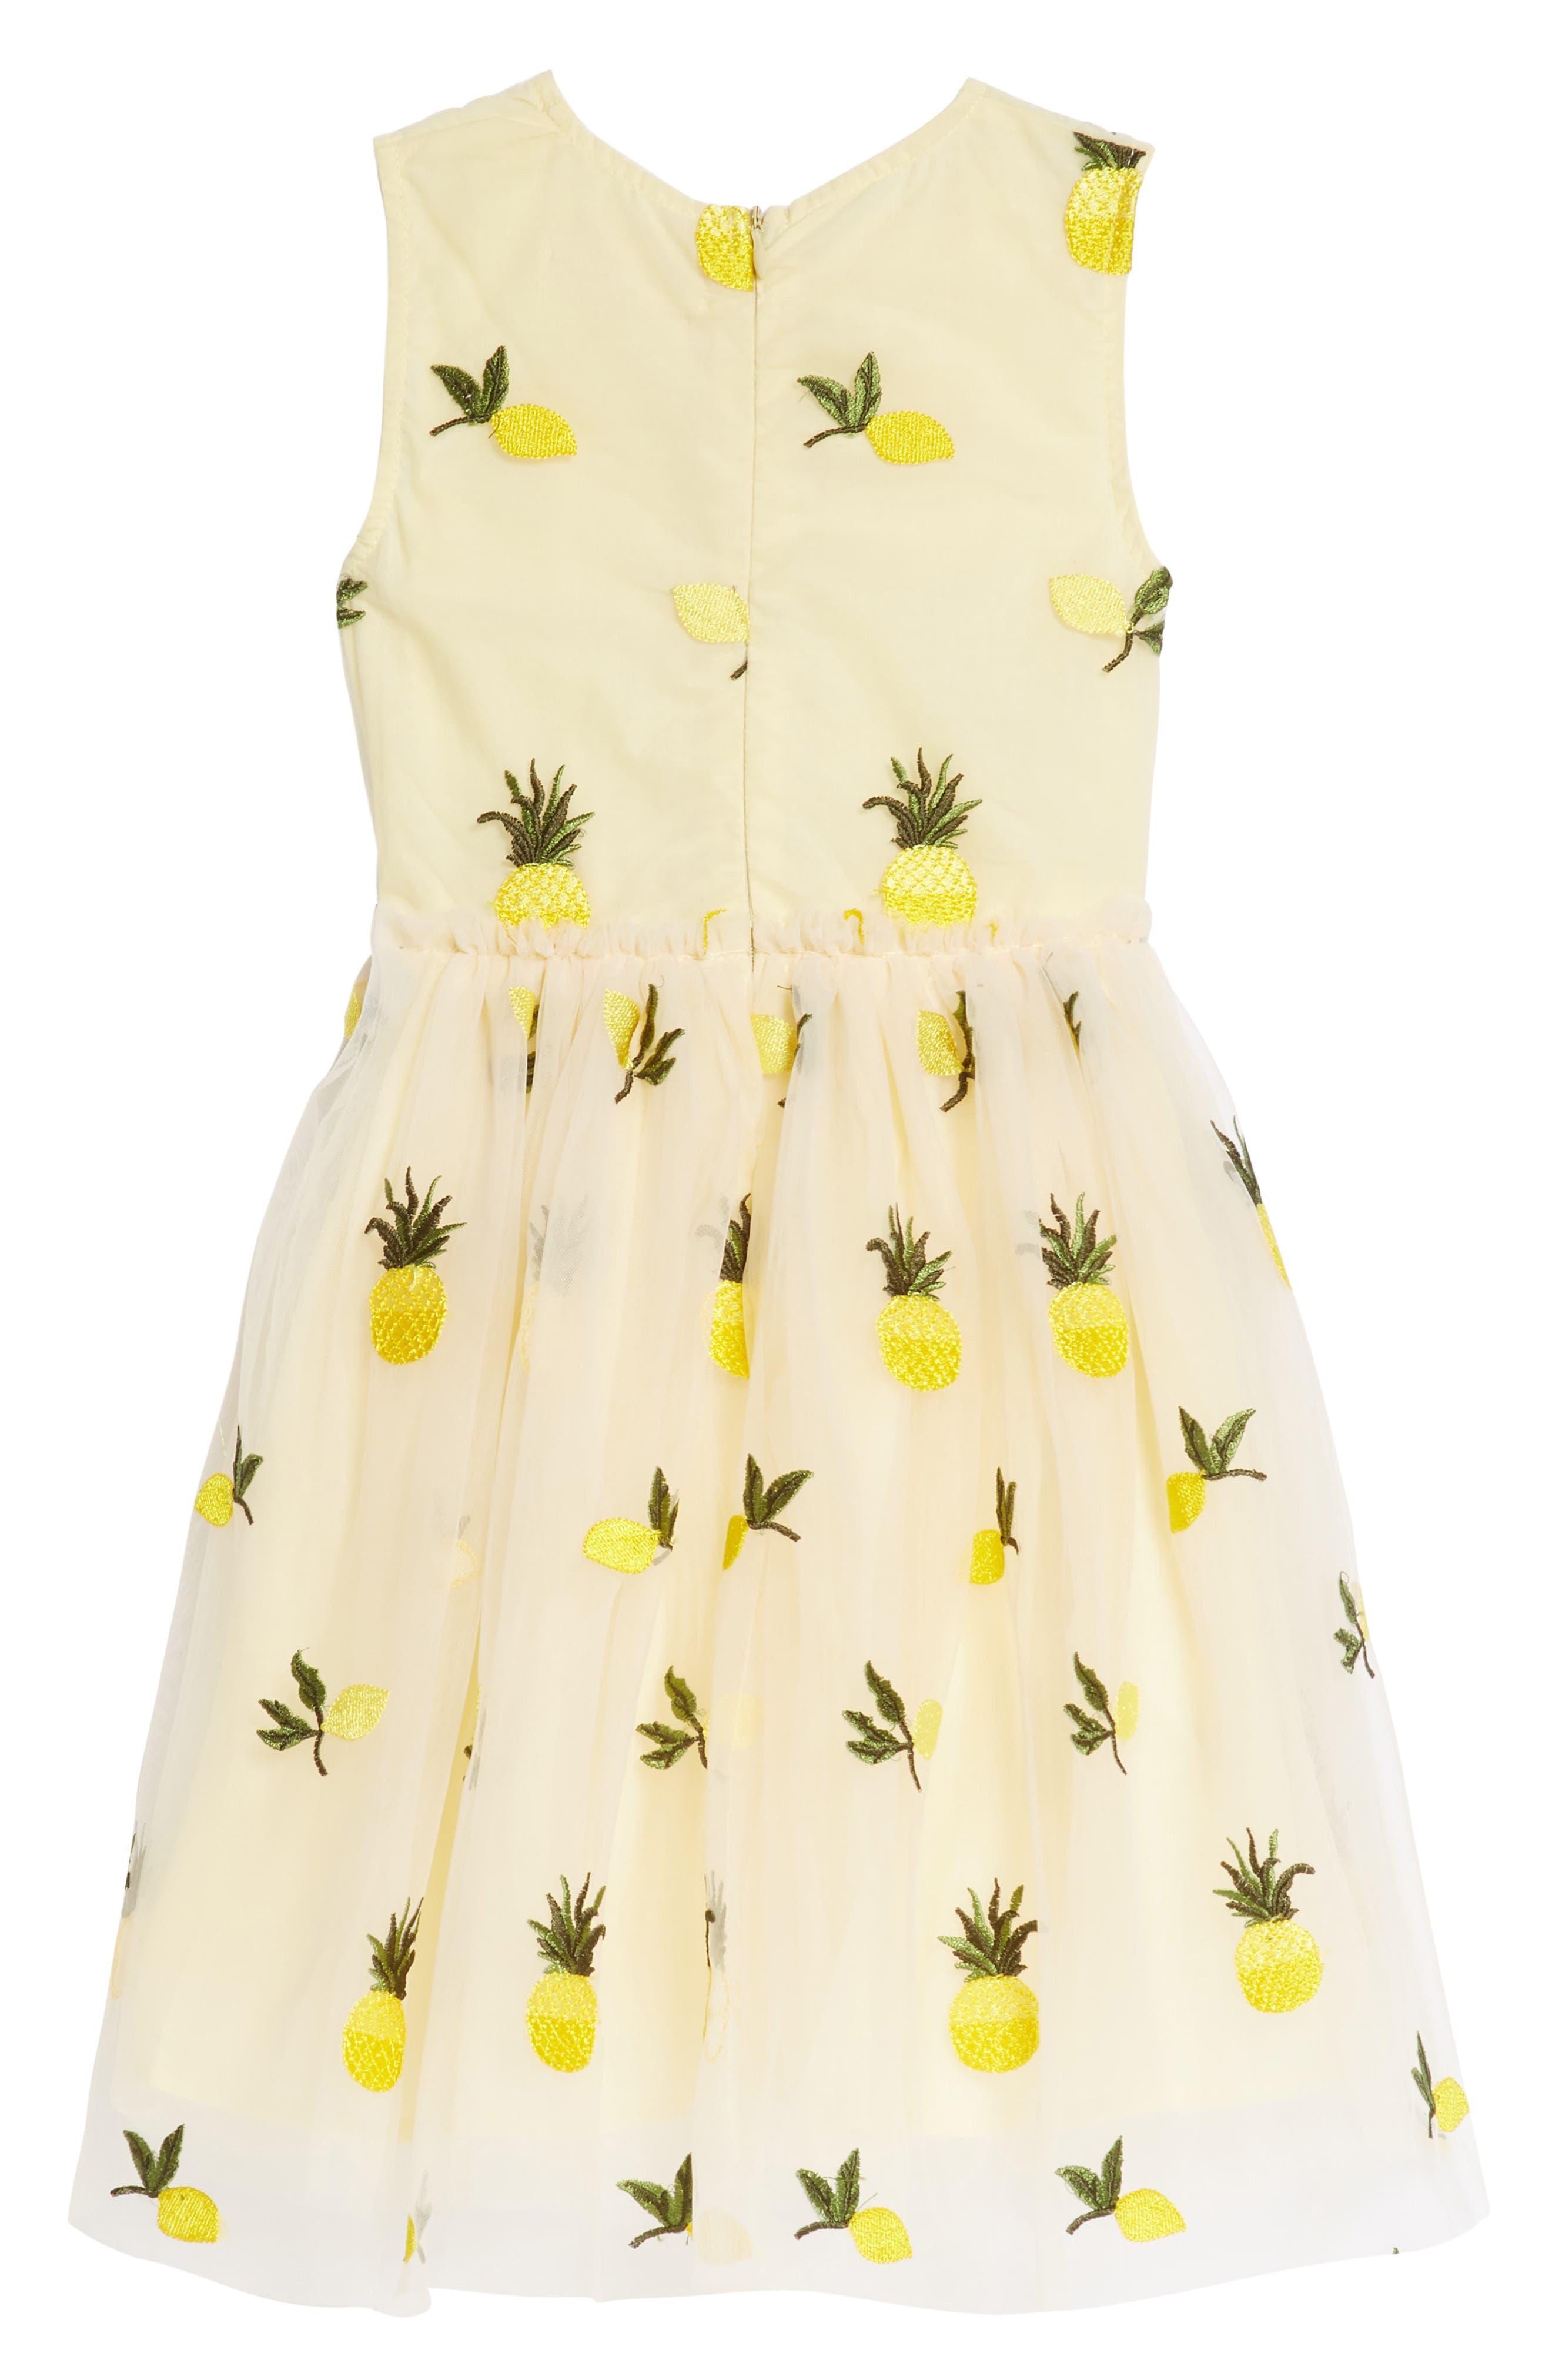 Pineapple & Lemon Embroidered Dress,                             Alternate thumbnail 2, color,                             250